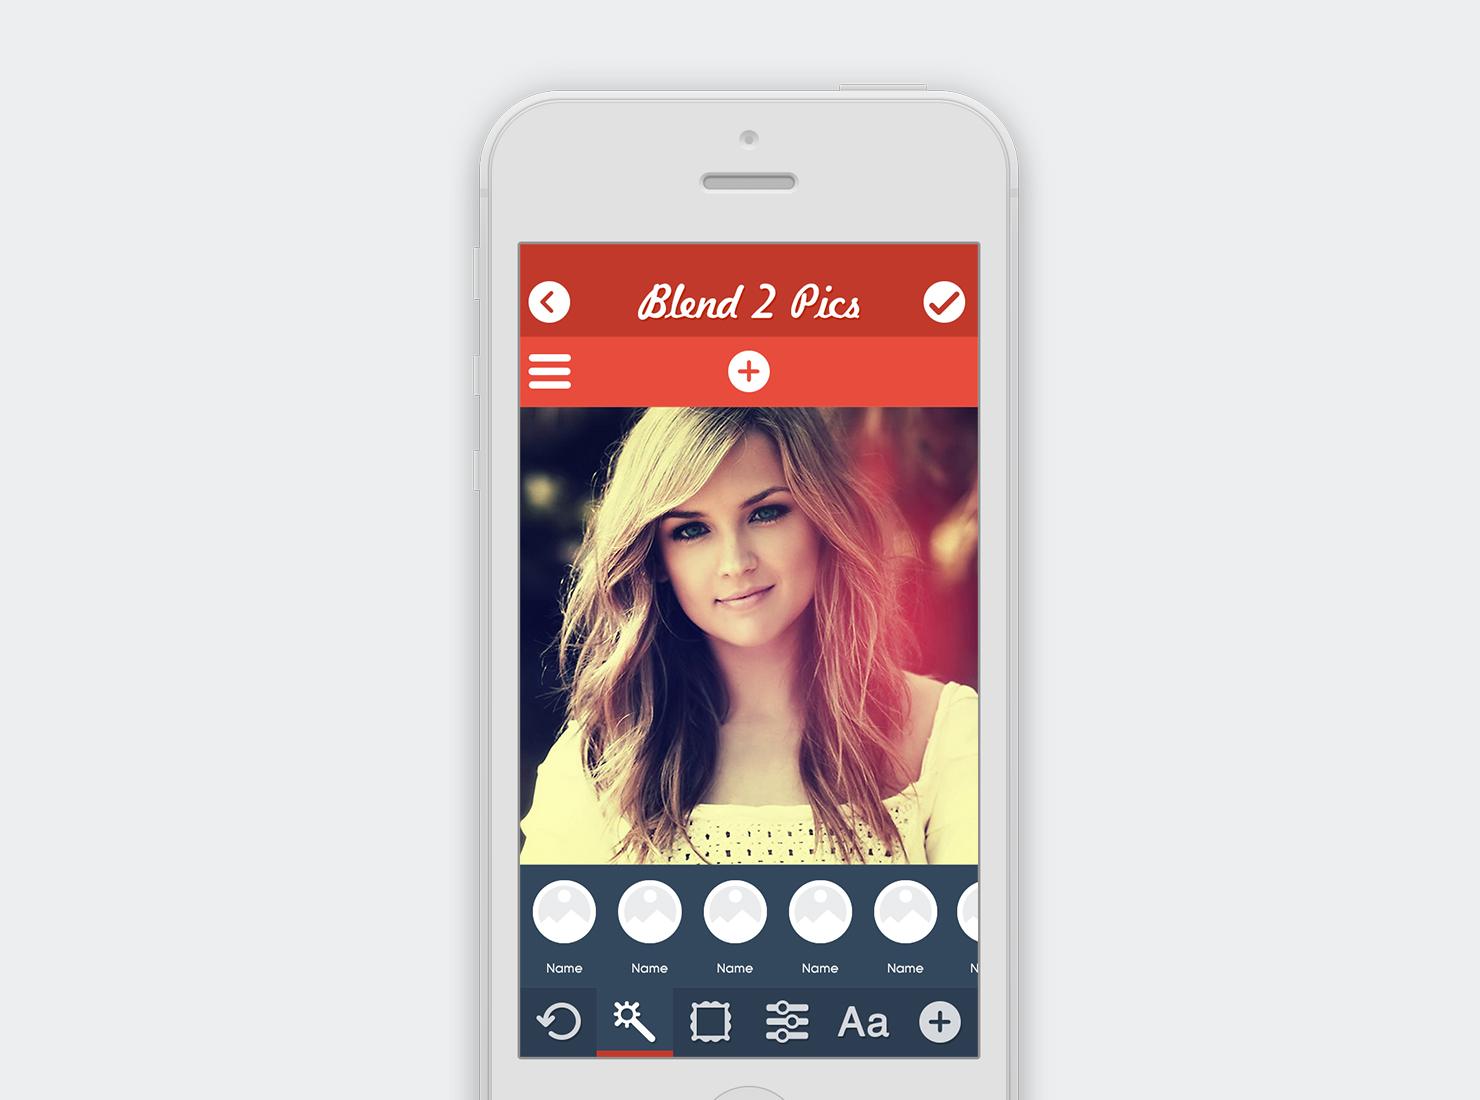 Blend 2 Pics UI Design